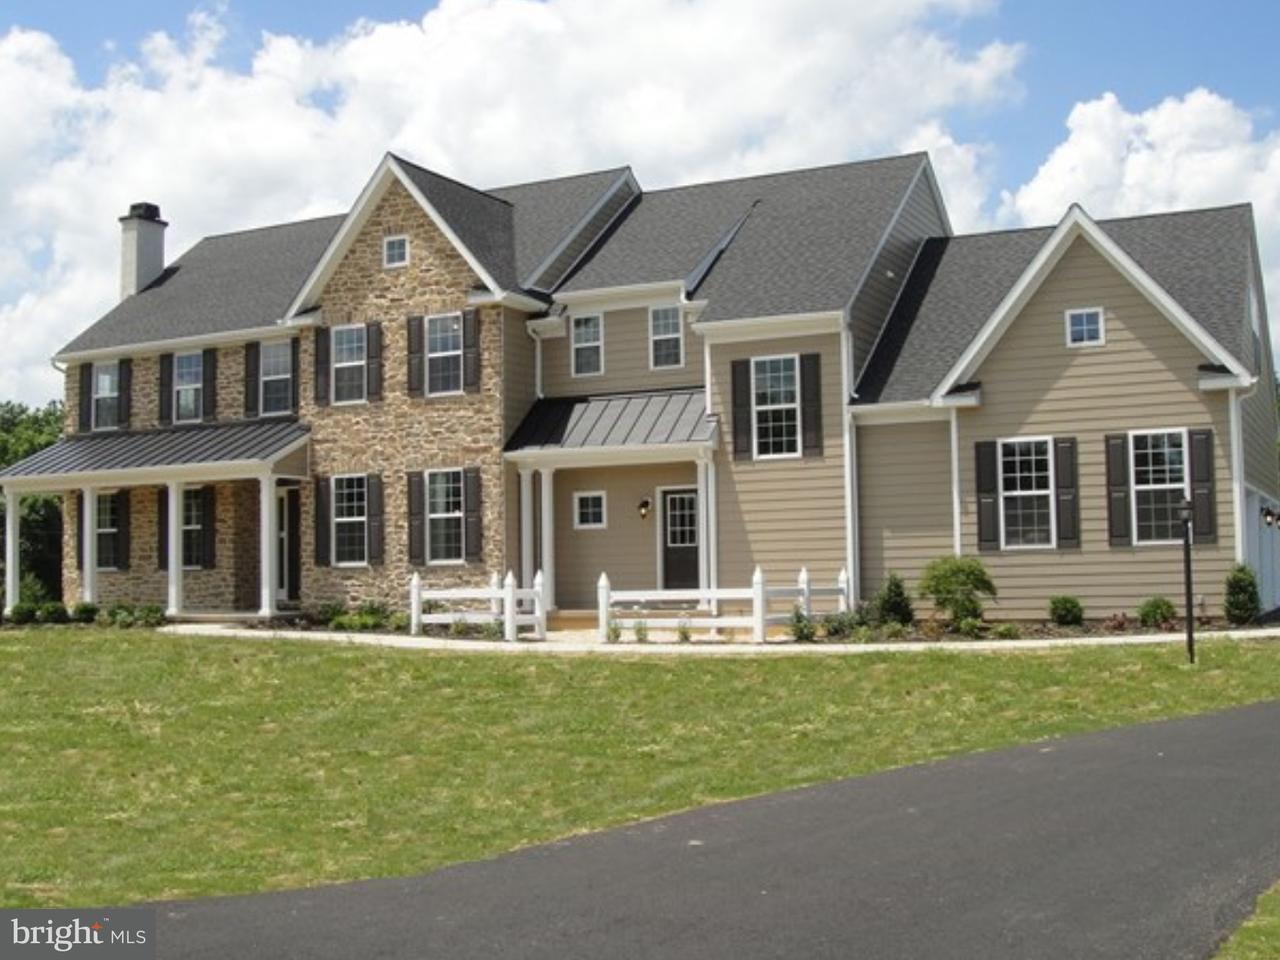 独户住宅 为 销售 在 Lot 3 ROSE Lane Horsham, 宾夕法尼亚州 19044 美国